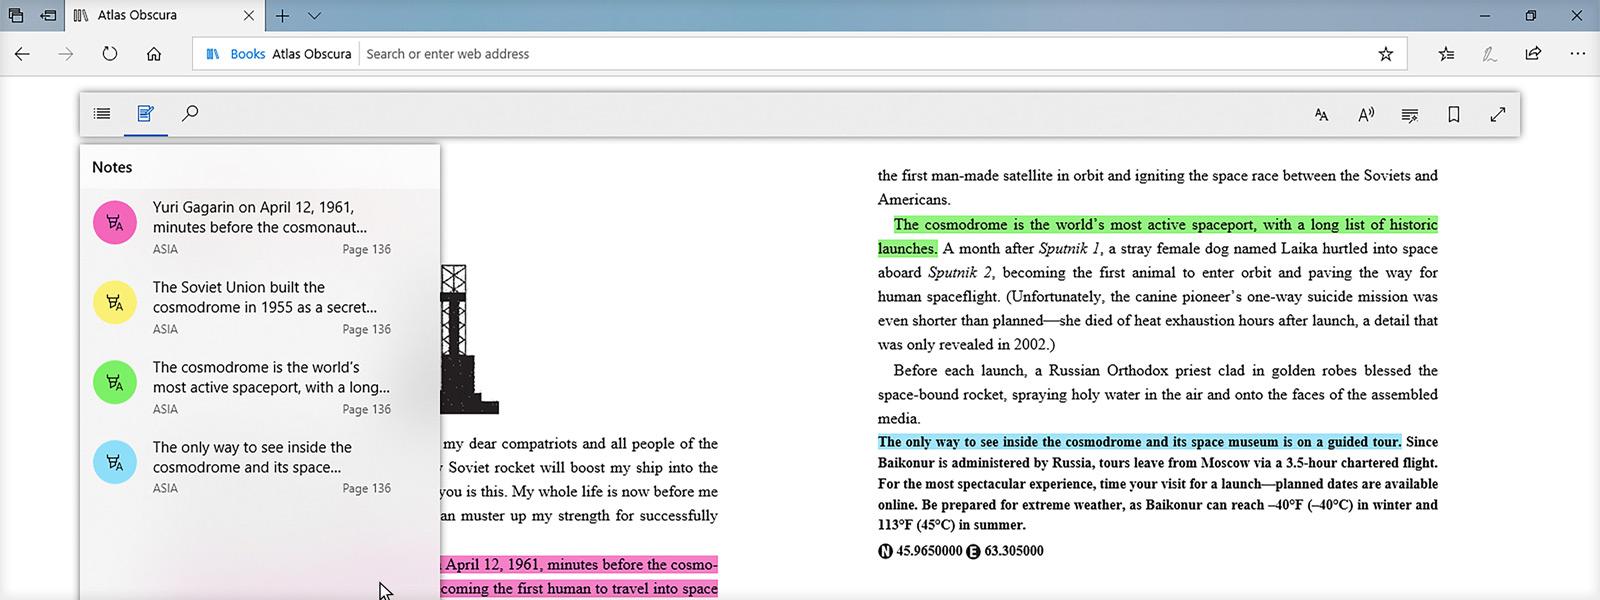 Slika, na kateri je prikazano označevanje besedila med branjem knjig v brskalniku Microsoft Edge